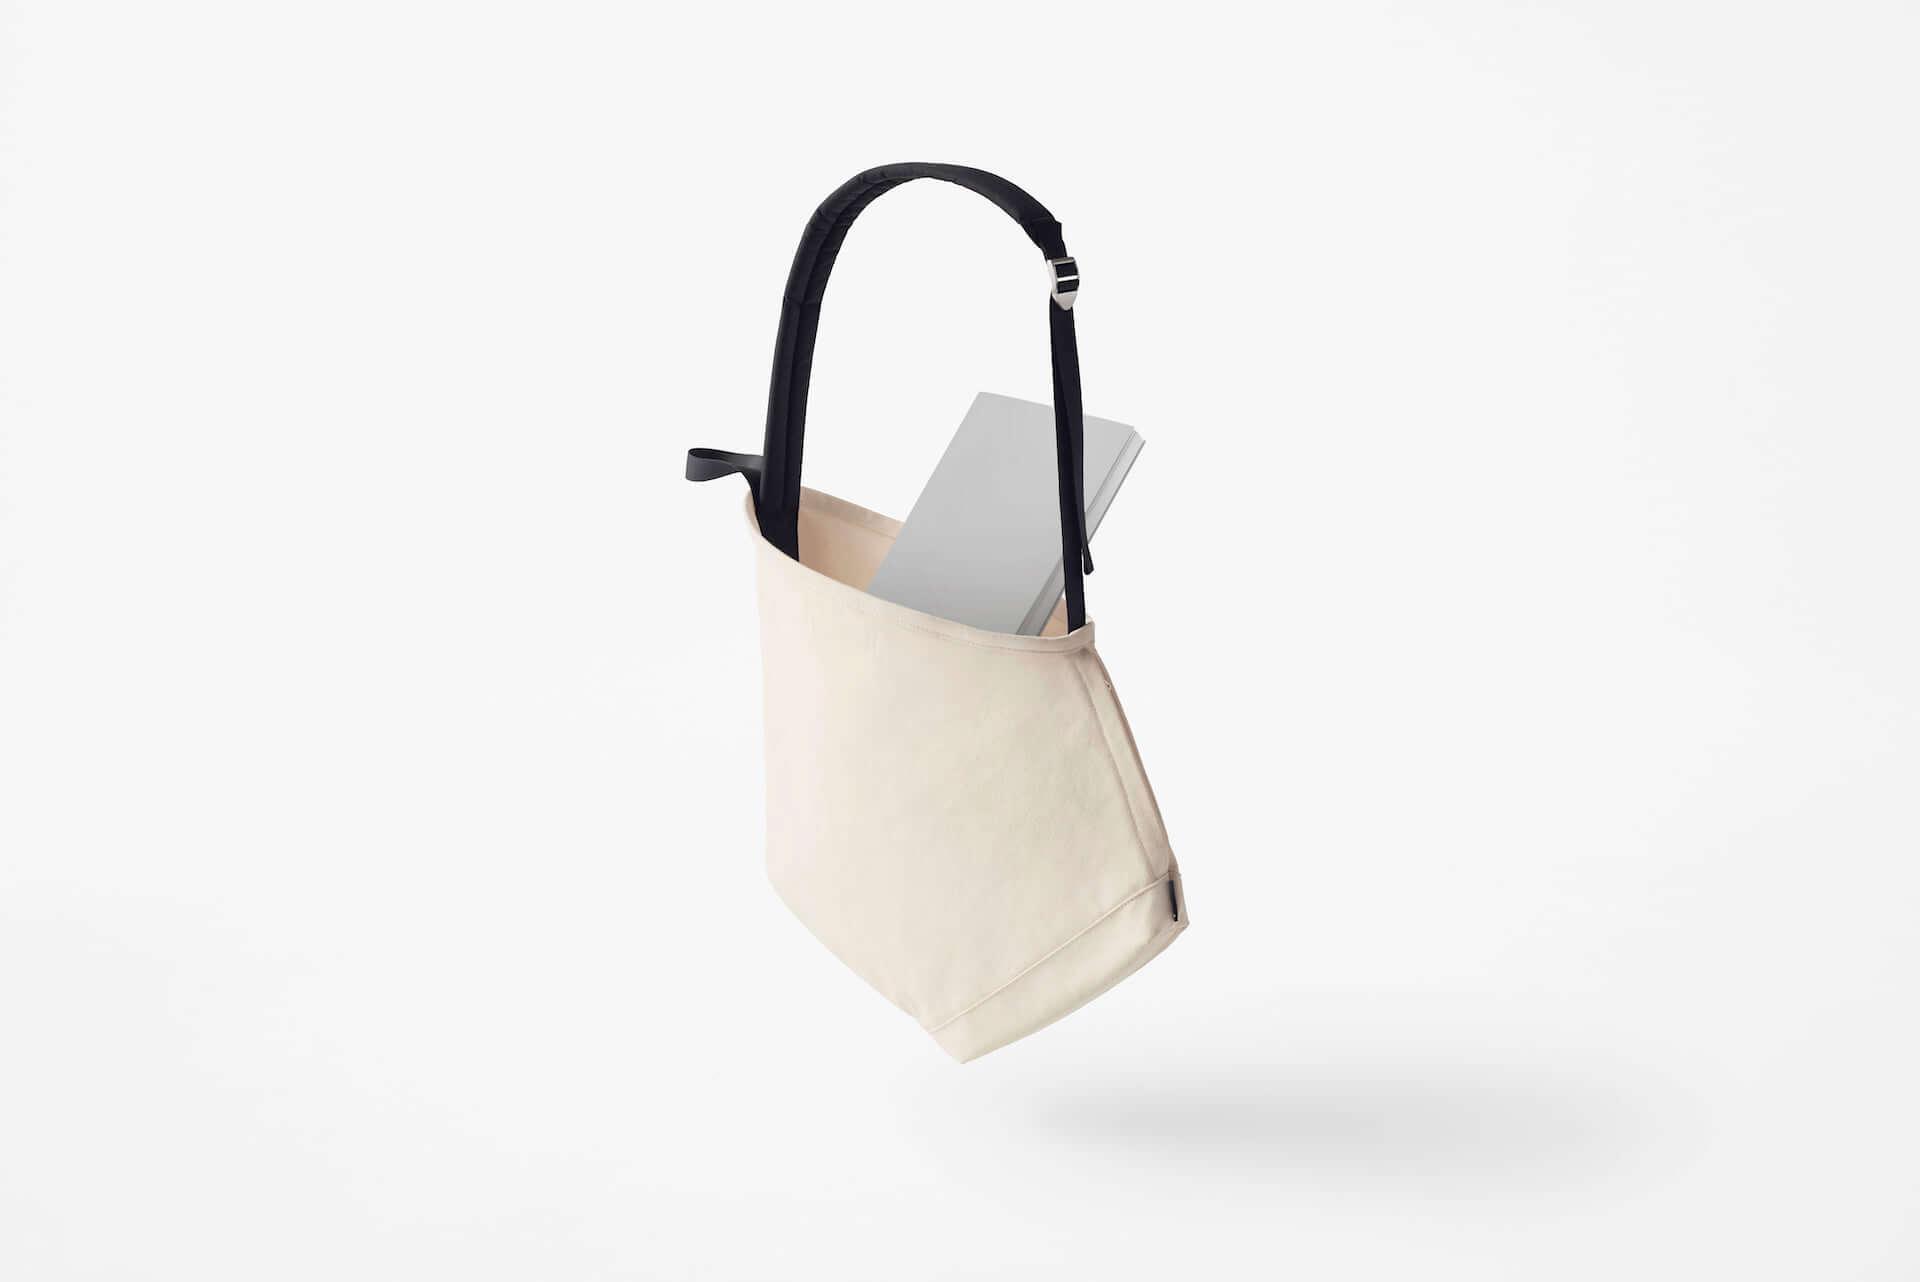 リュックとトートの利便性を兼ね備えたバッグが登場!ROOTOTEとnendoのコラボアイテム「ruck-tote」が発売 577932174eaa48377f792375e5b9a391-1920x1282